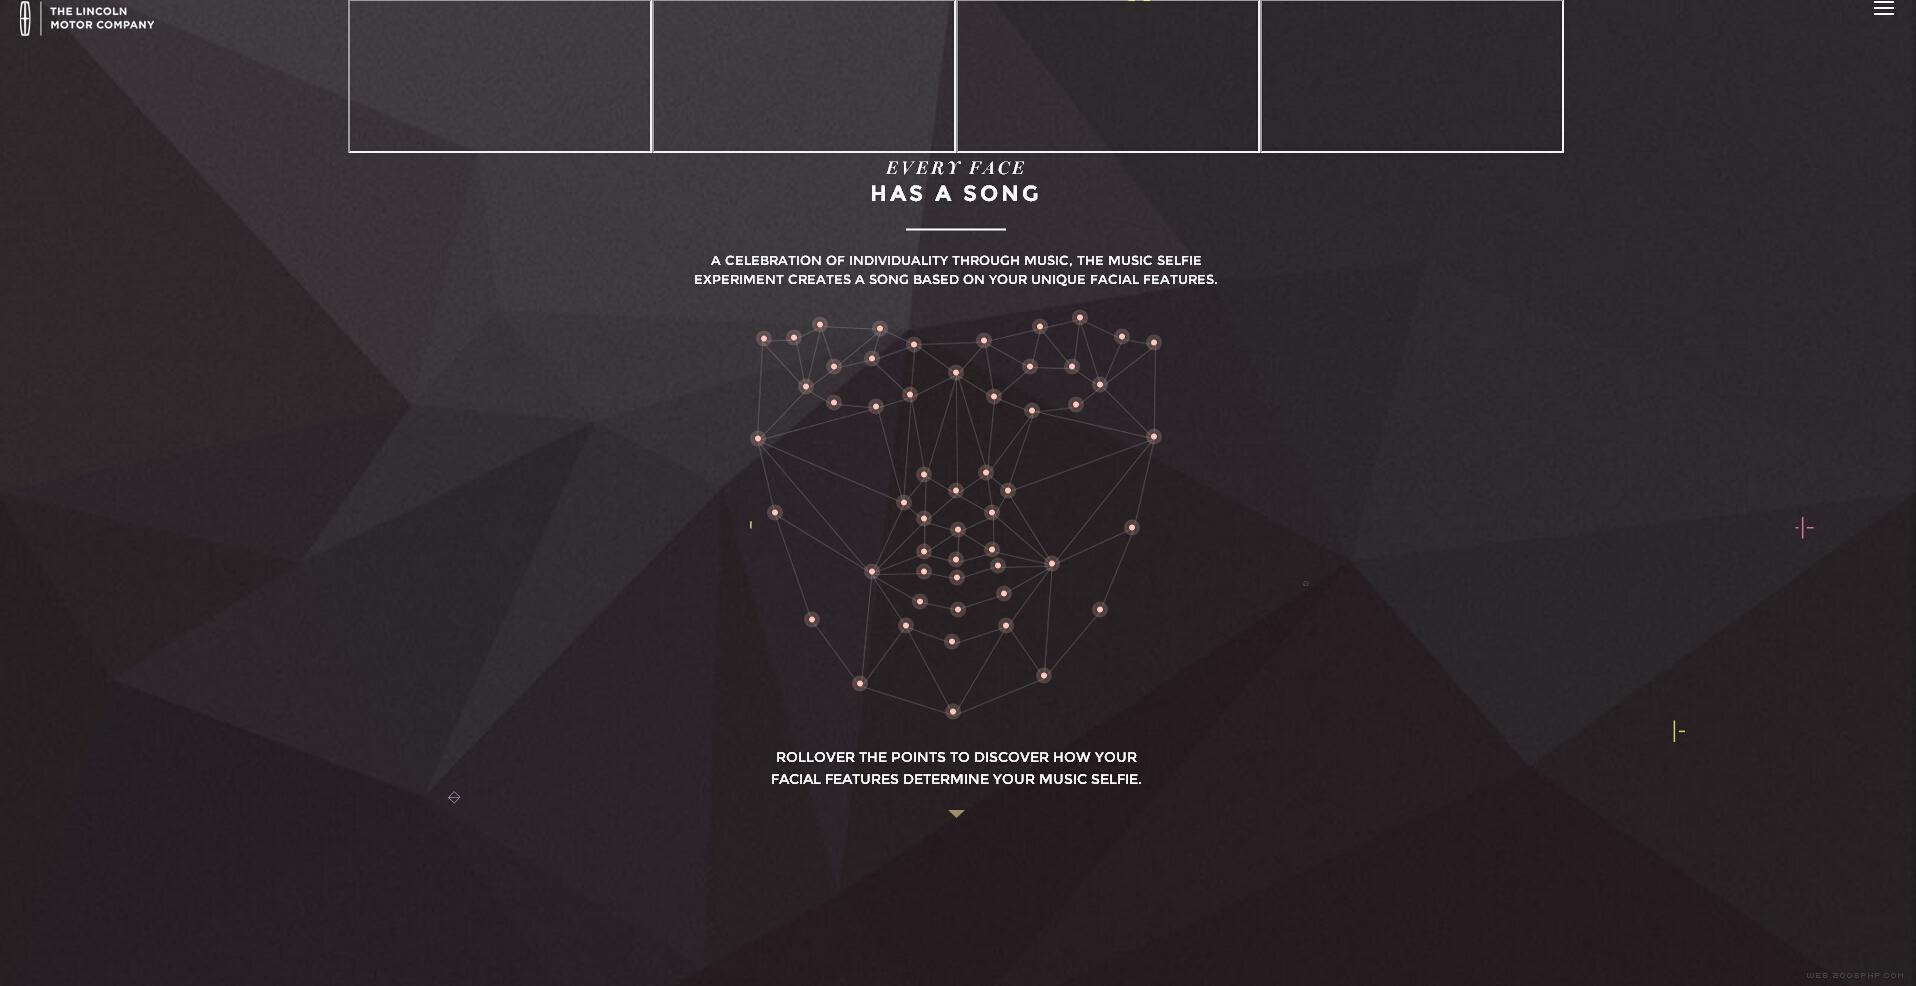 很有設計感的線條幾何圖形排版